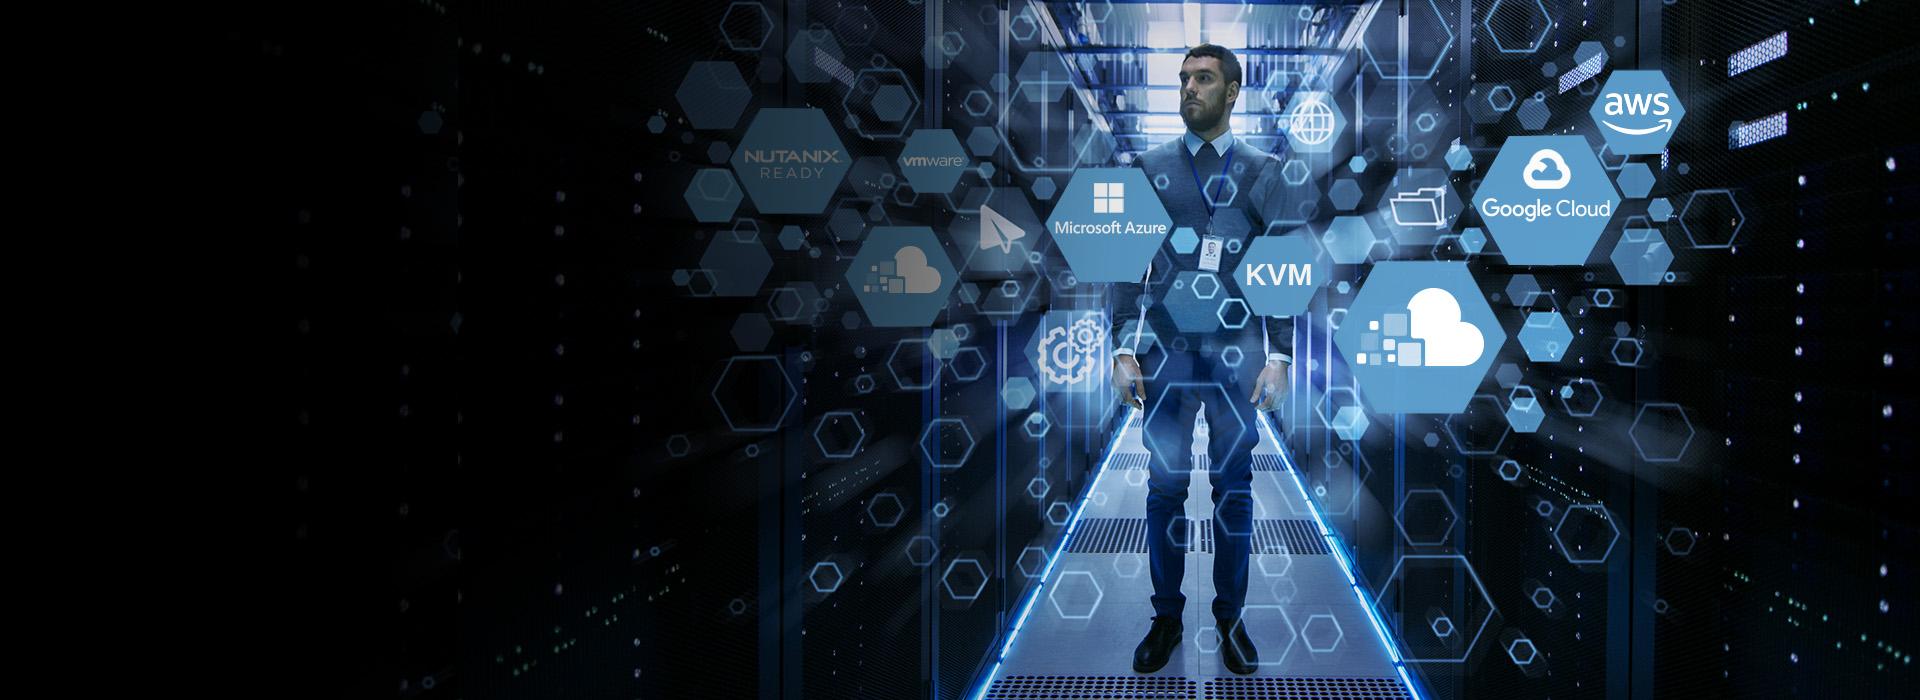 PCoIP Solutions | Virtual Desktops | Cloud Workspaces